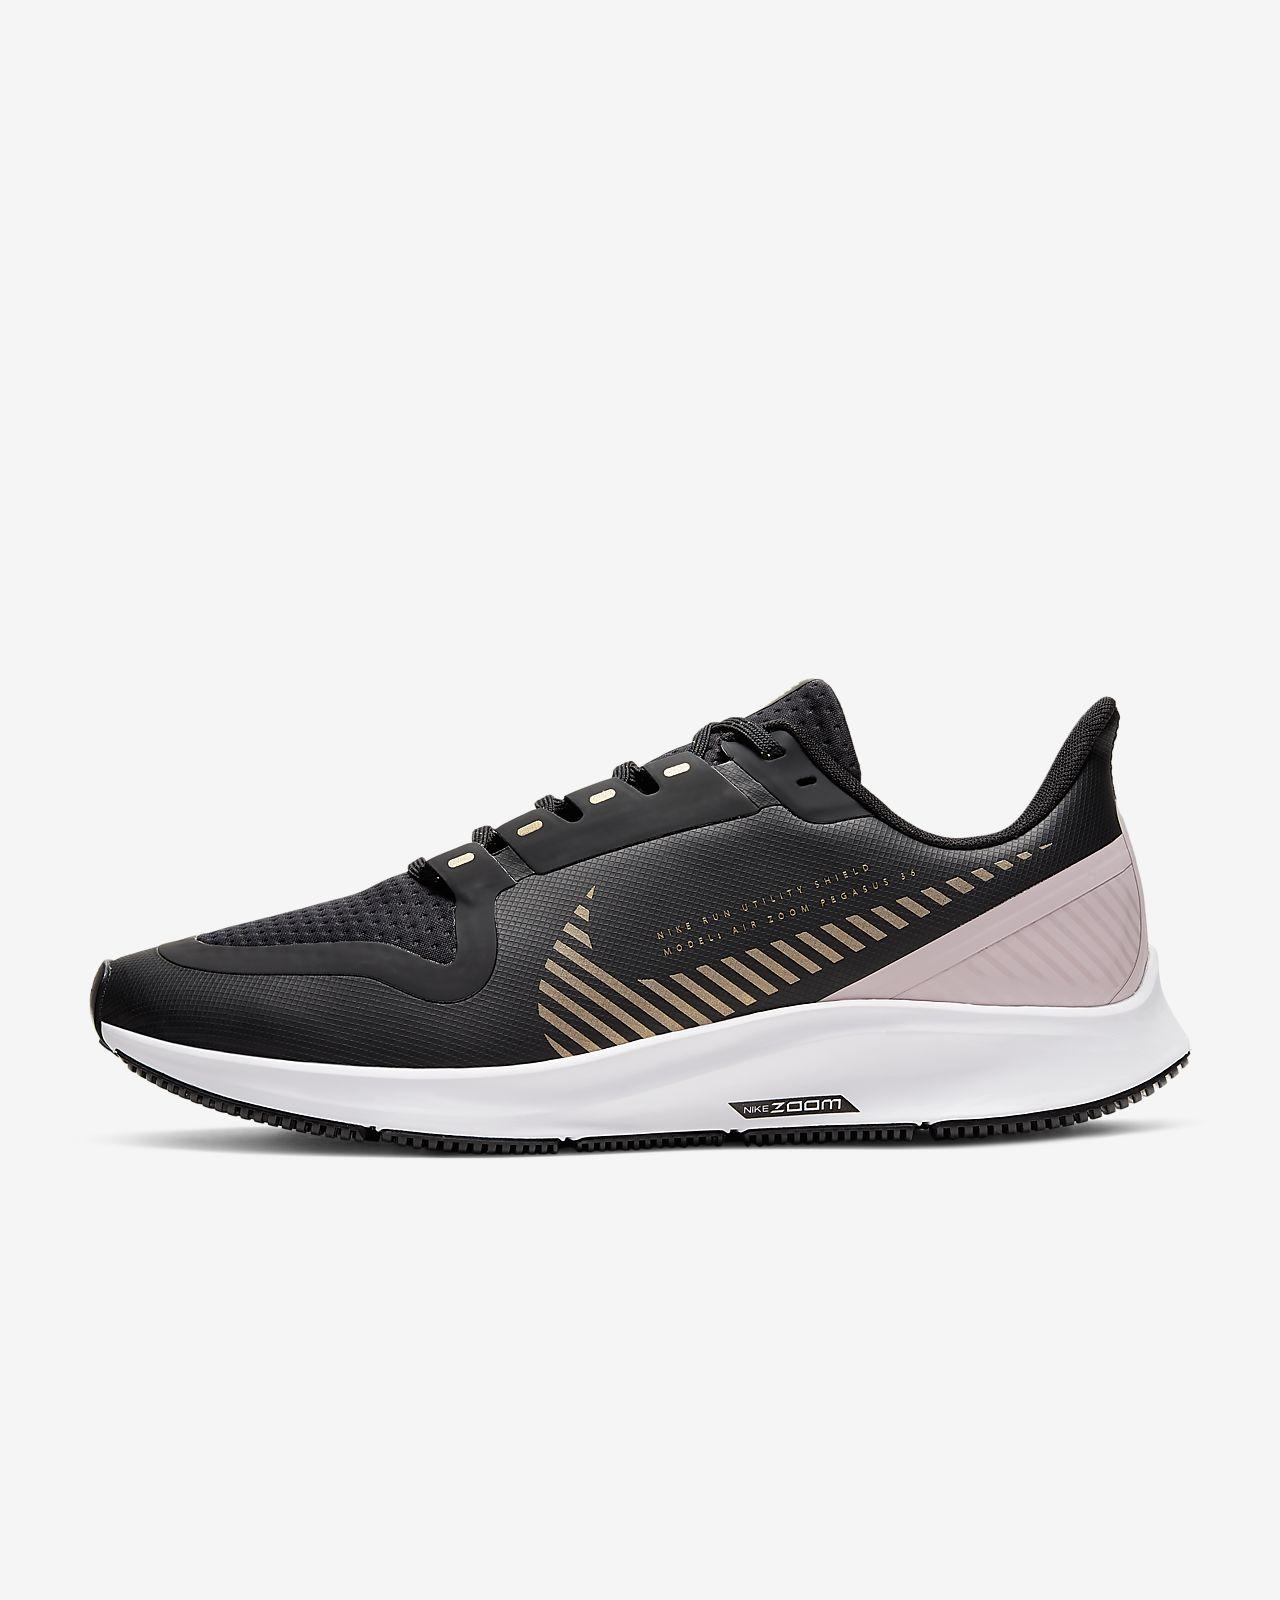 Nike Air Zoom Winflo 5 Run Shield Schwarz Laufschuhe Für